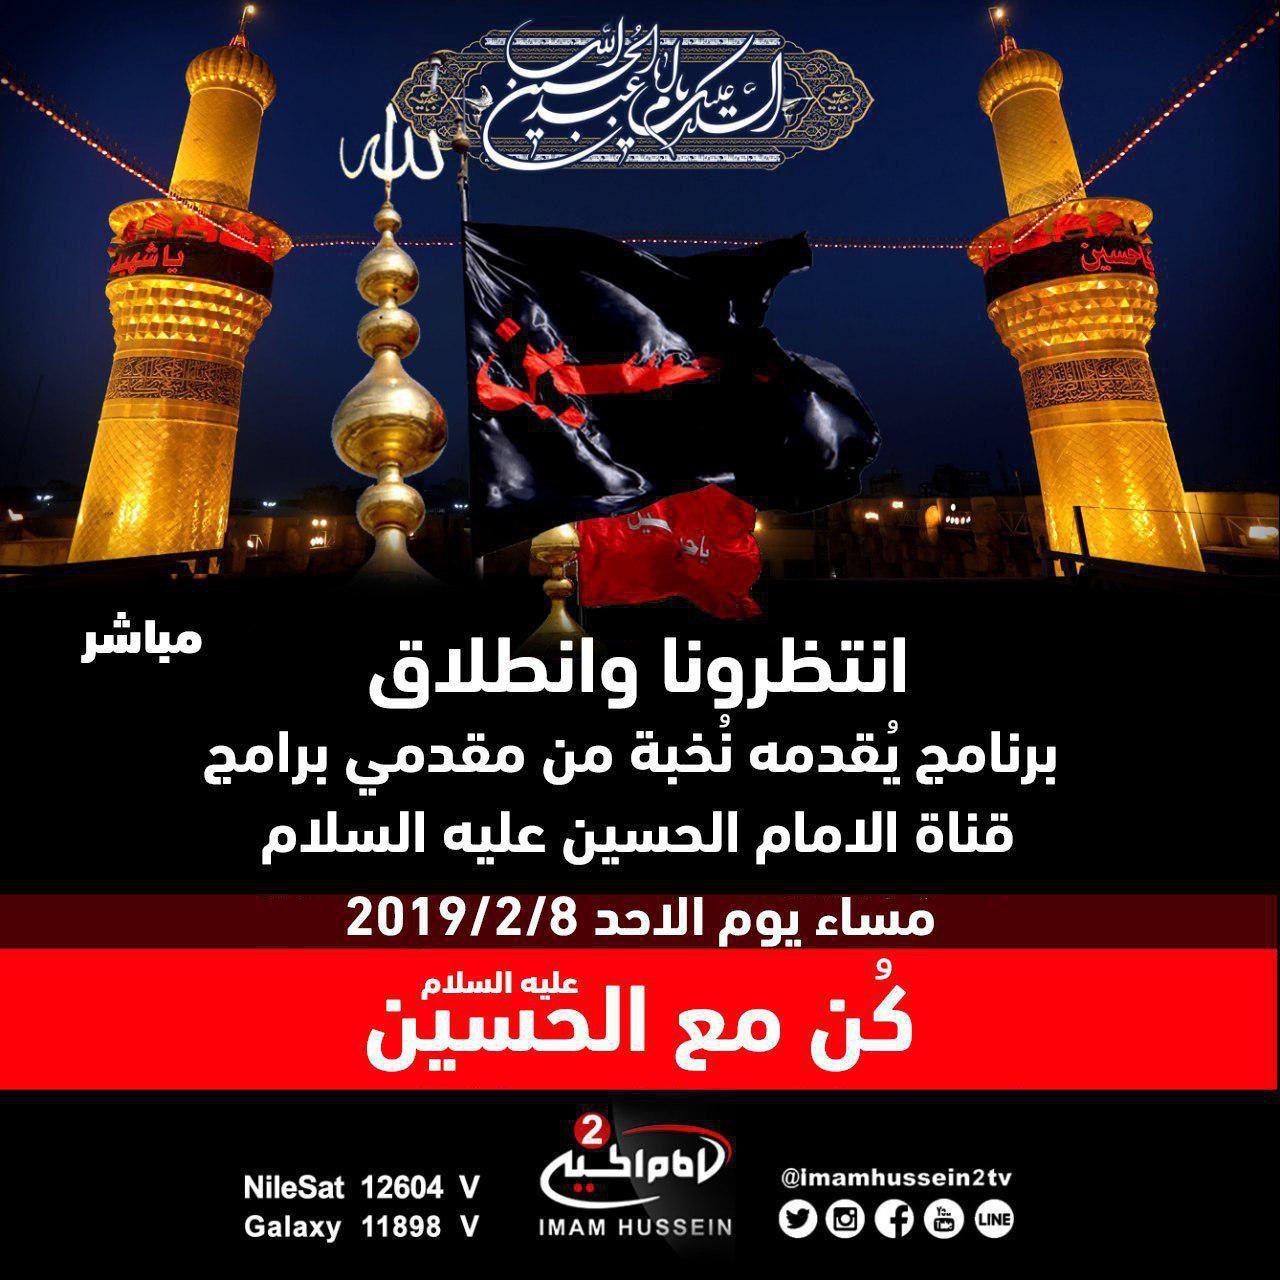 صورة اليوم: انطلاق بث برنامج كن مع الحسين عبر قناة الامام الحسين الثانية